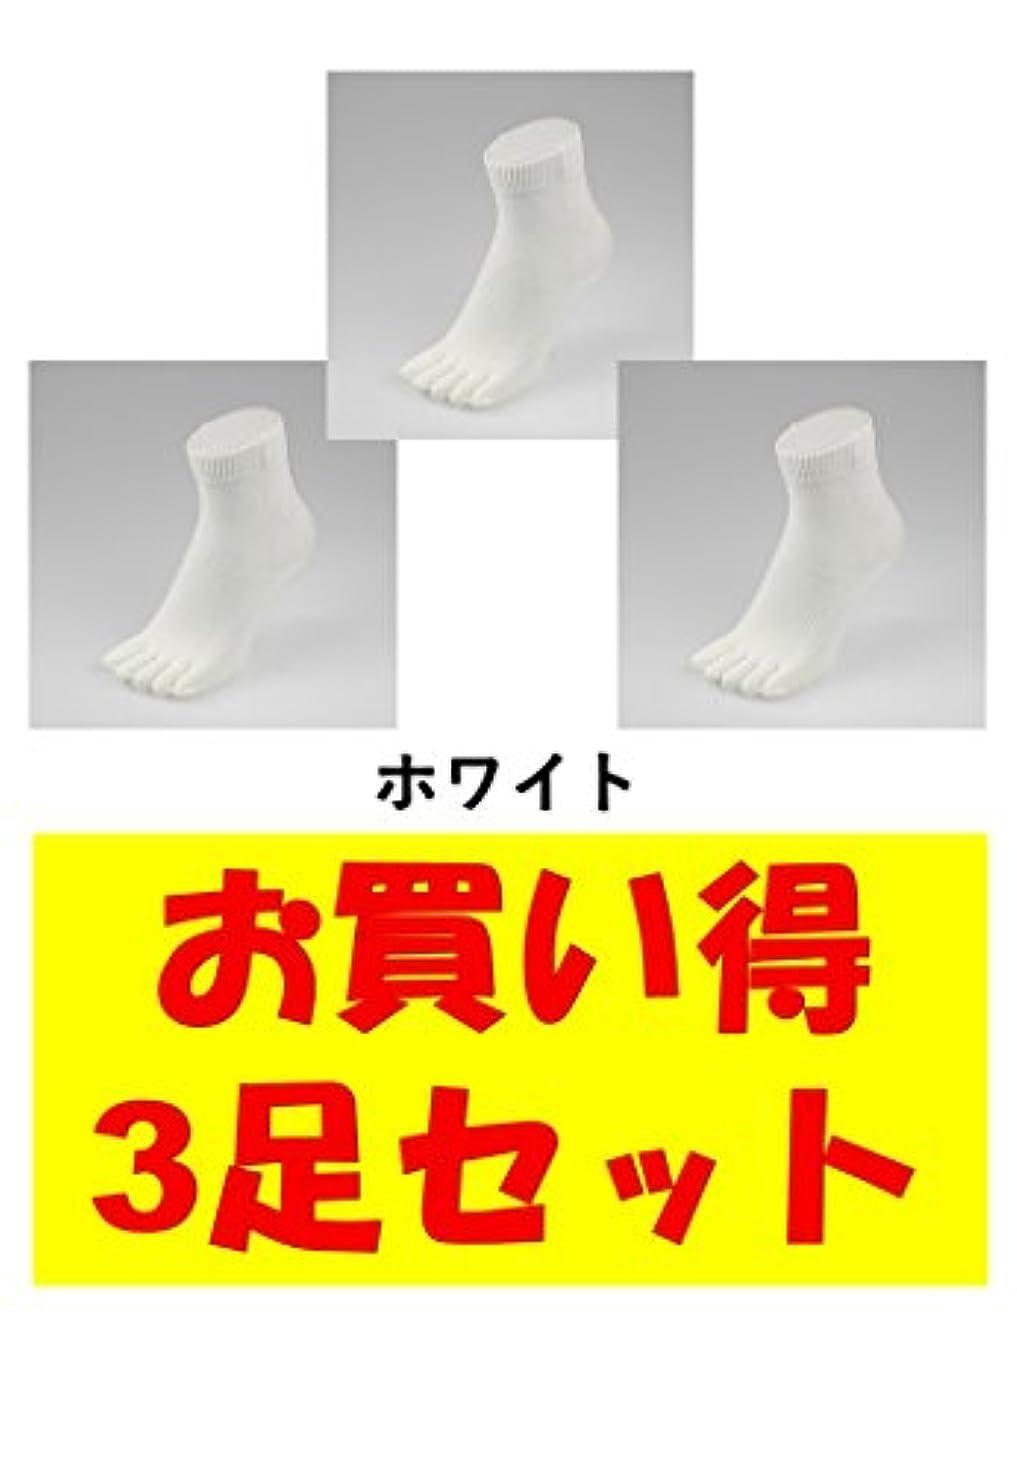 悪用会話没頭するお買い得3足セット 5本指 ゆびのばソックス Neo EVE(イヴ) ホワイト Sサイズ(21.0cm - 24.0cm) YSNEVE-WHT